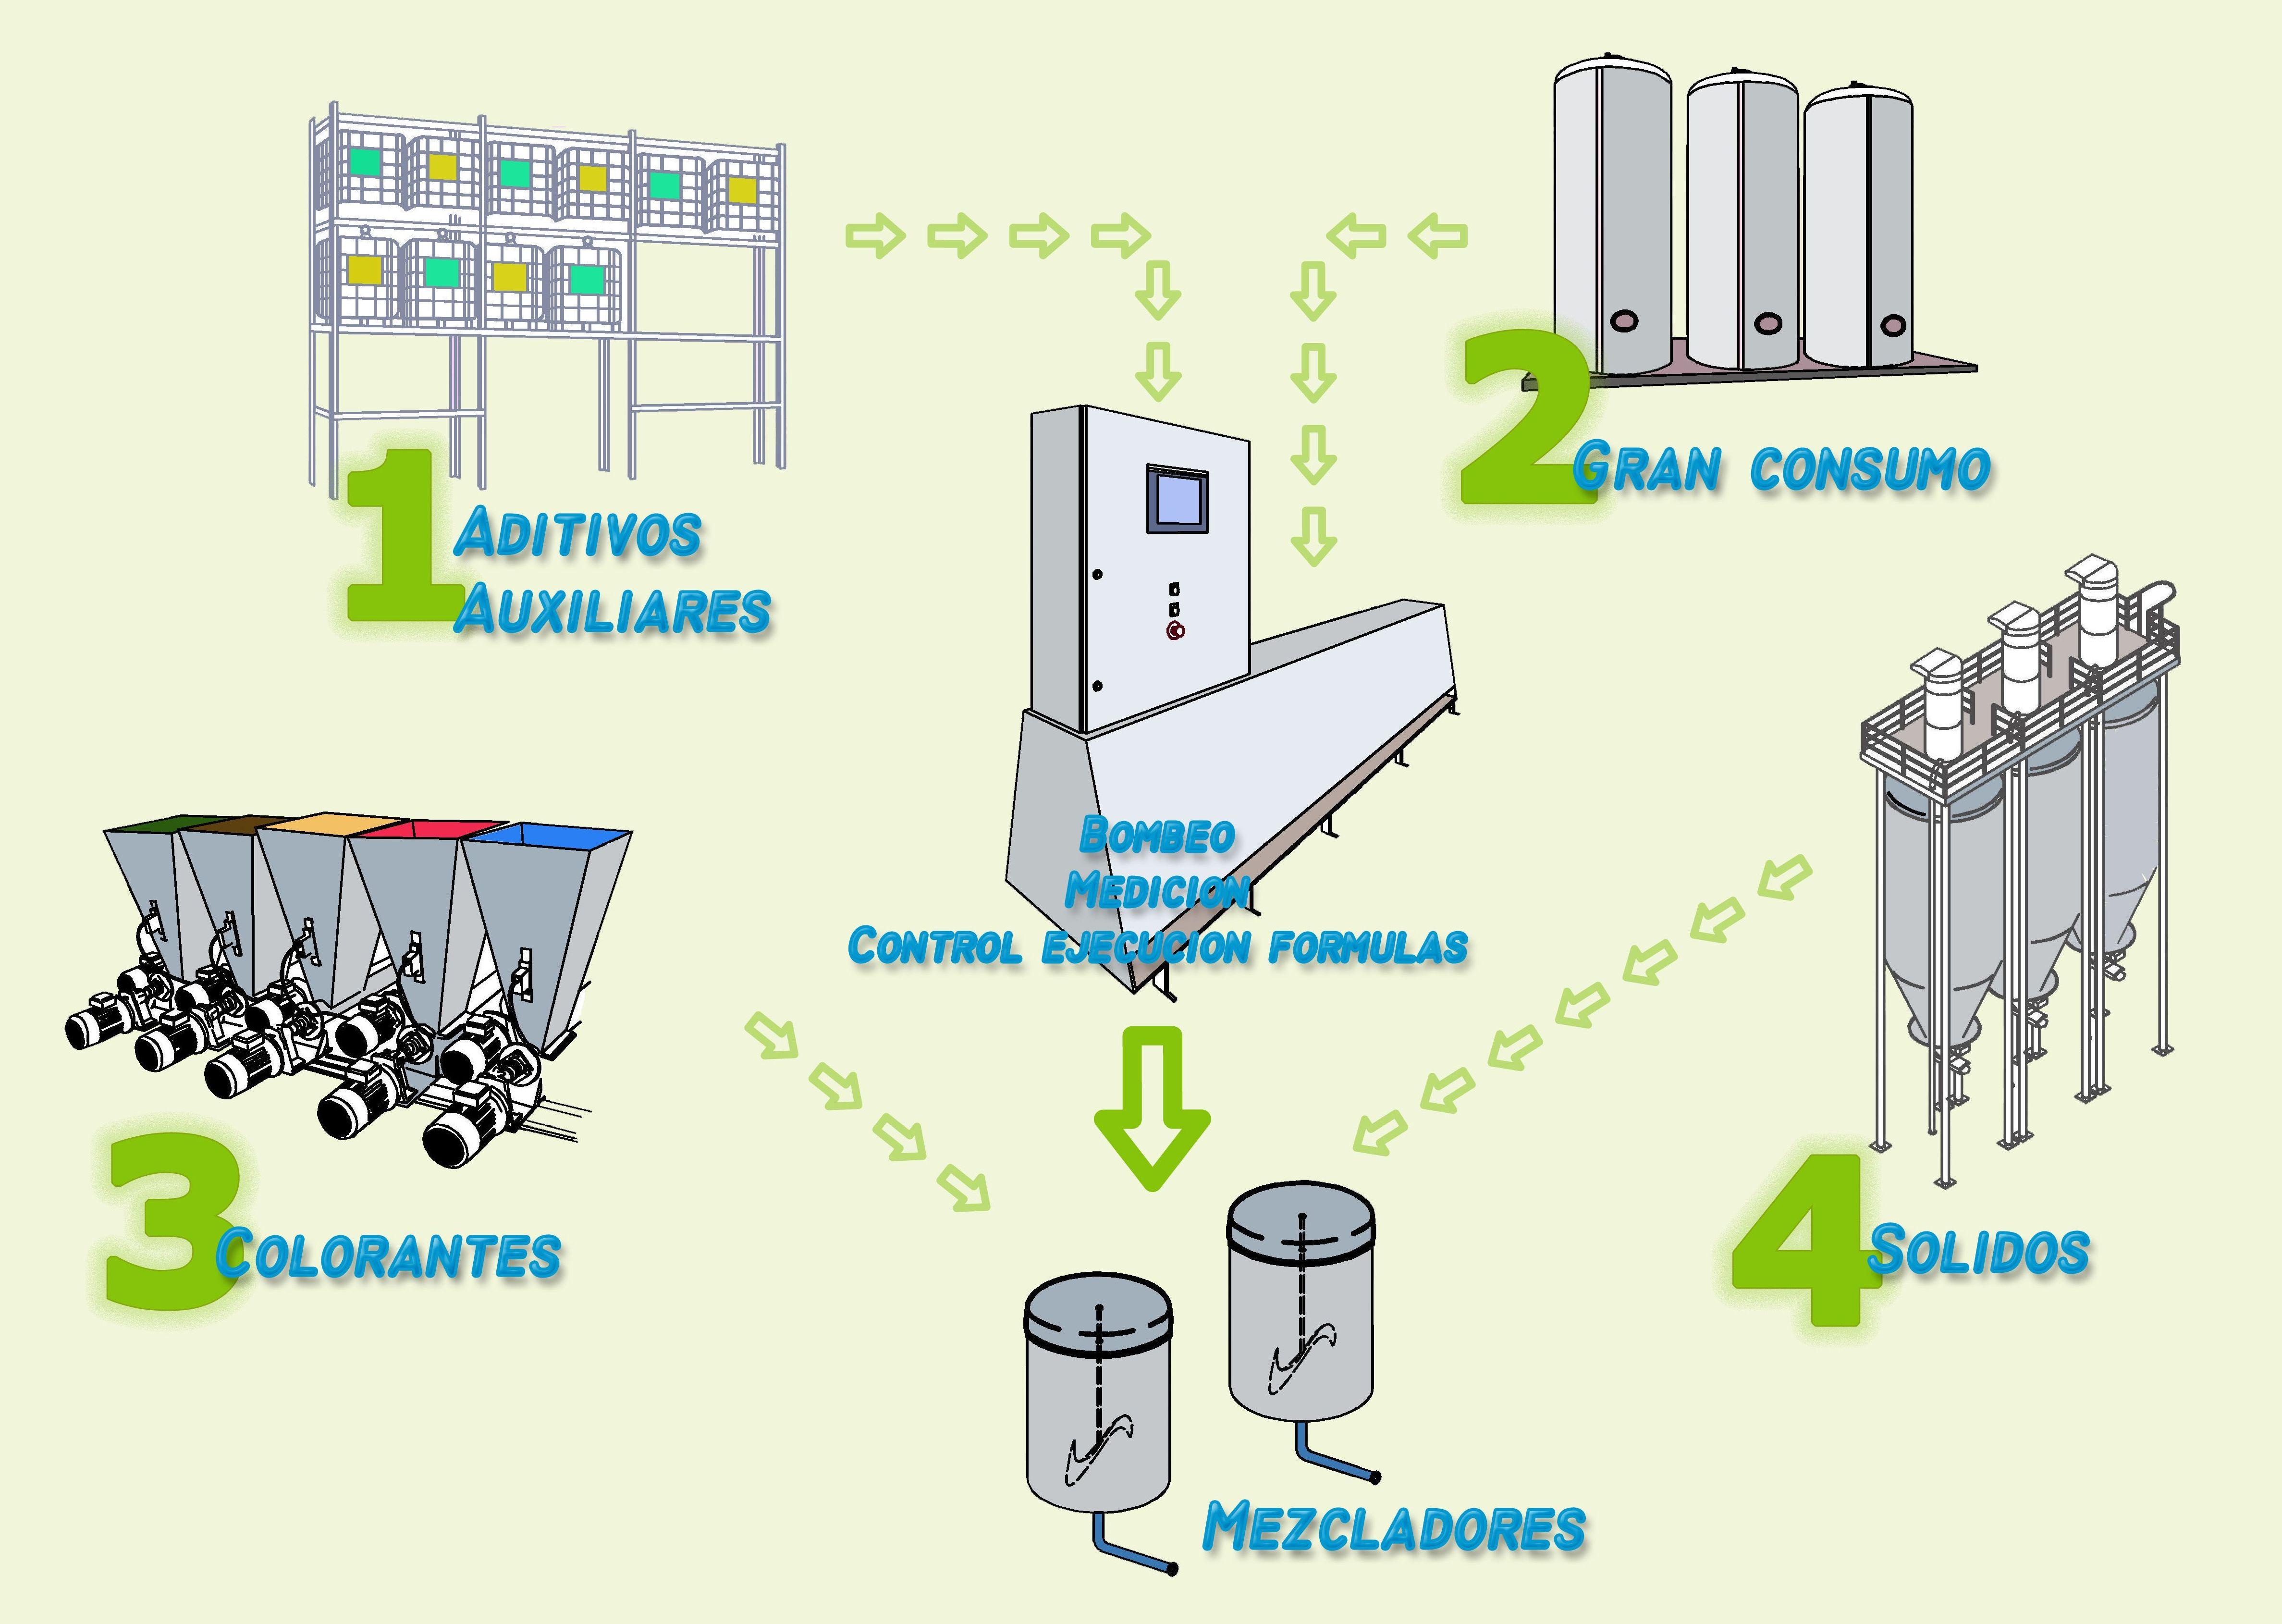 Sistemas de dosificación: Servicios de Delta Automatisme i Control